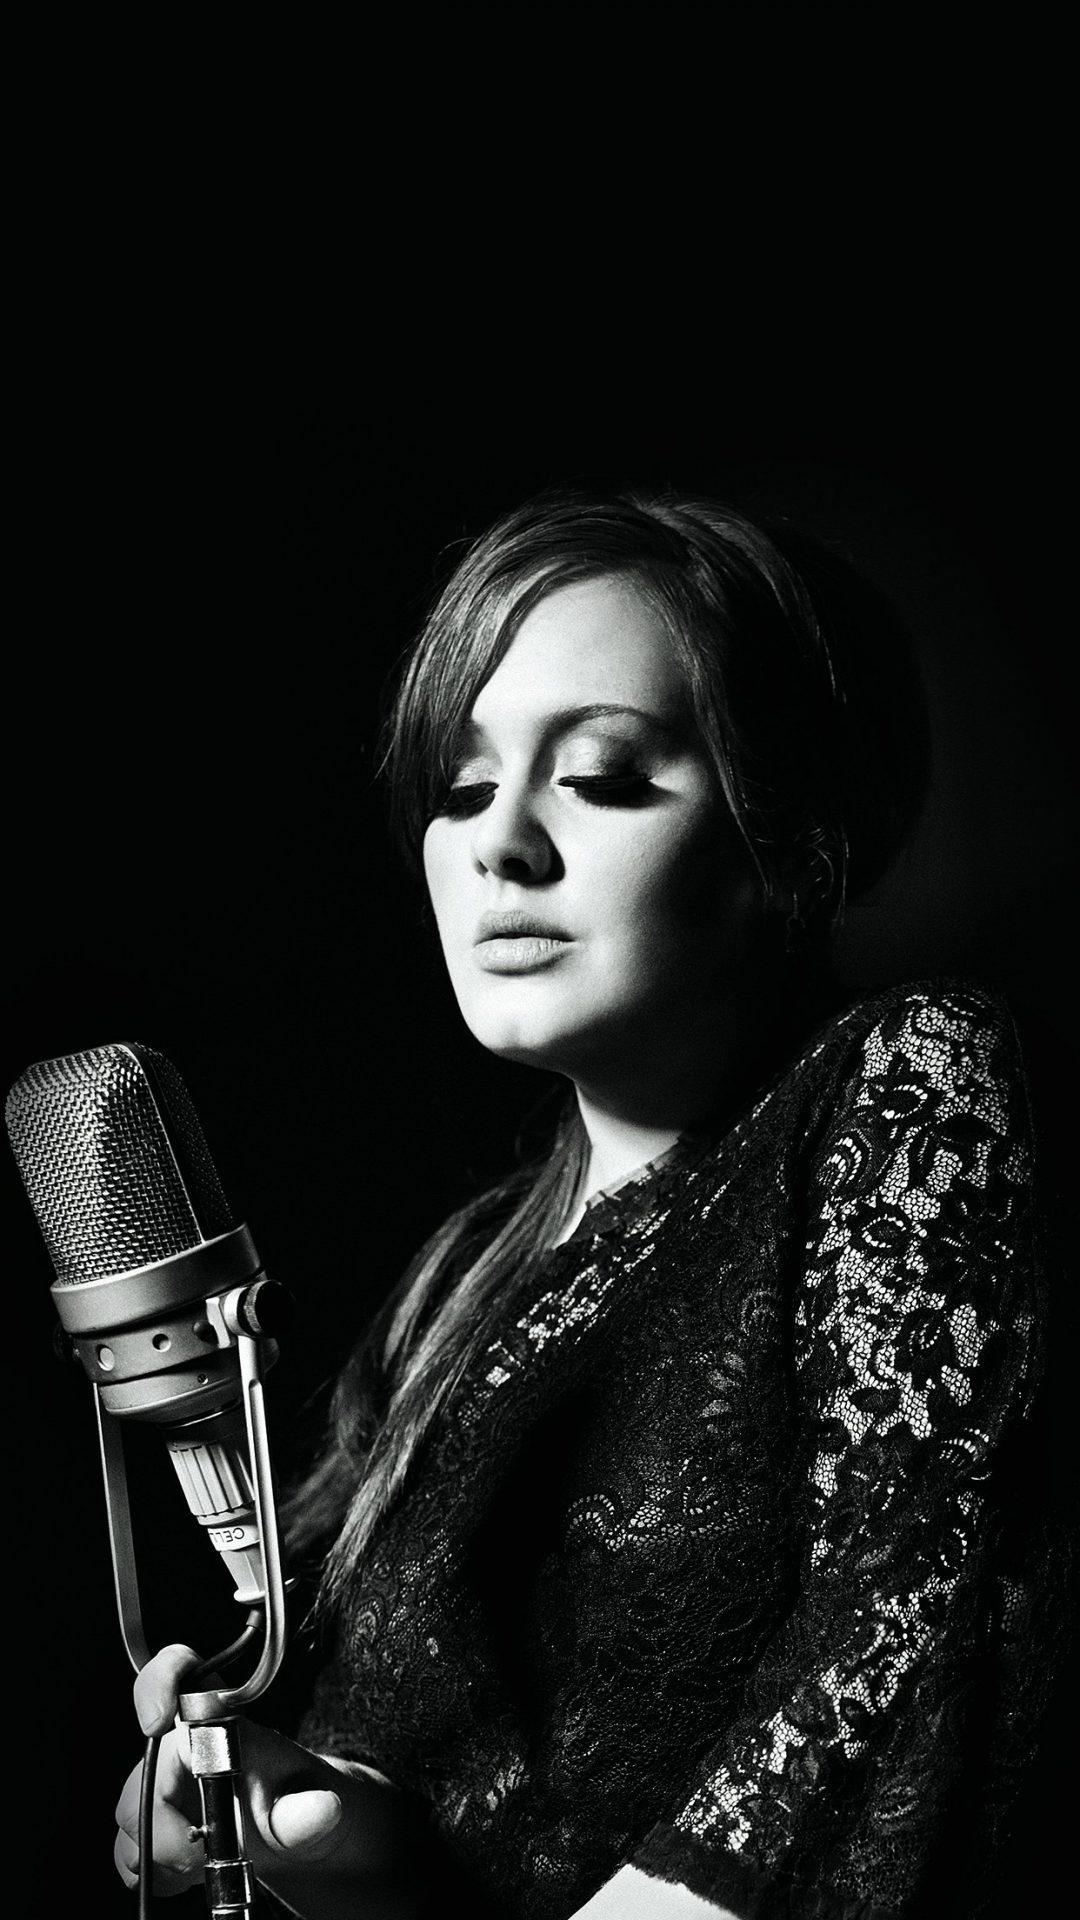 Adele Music Singer Dark Bw Celebrity